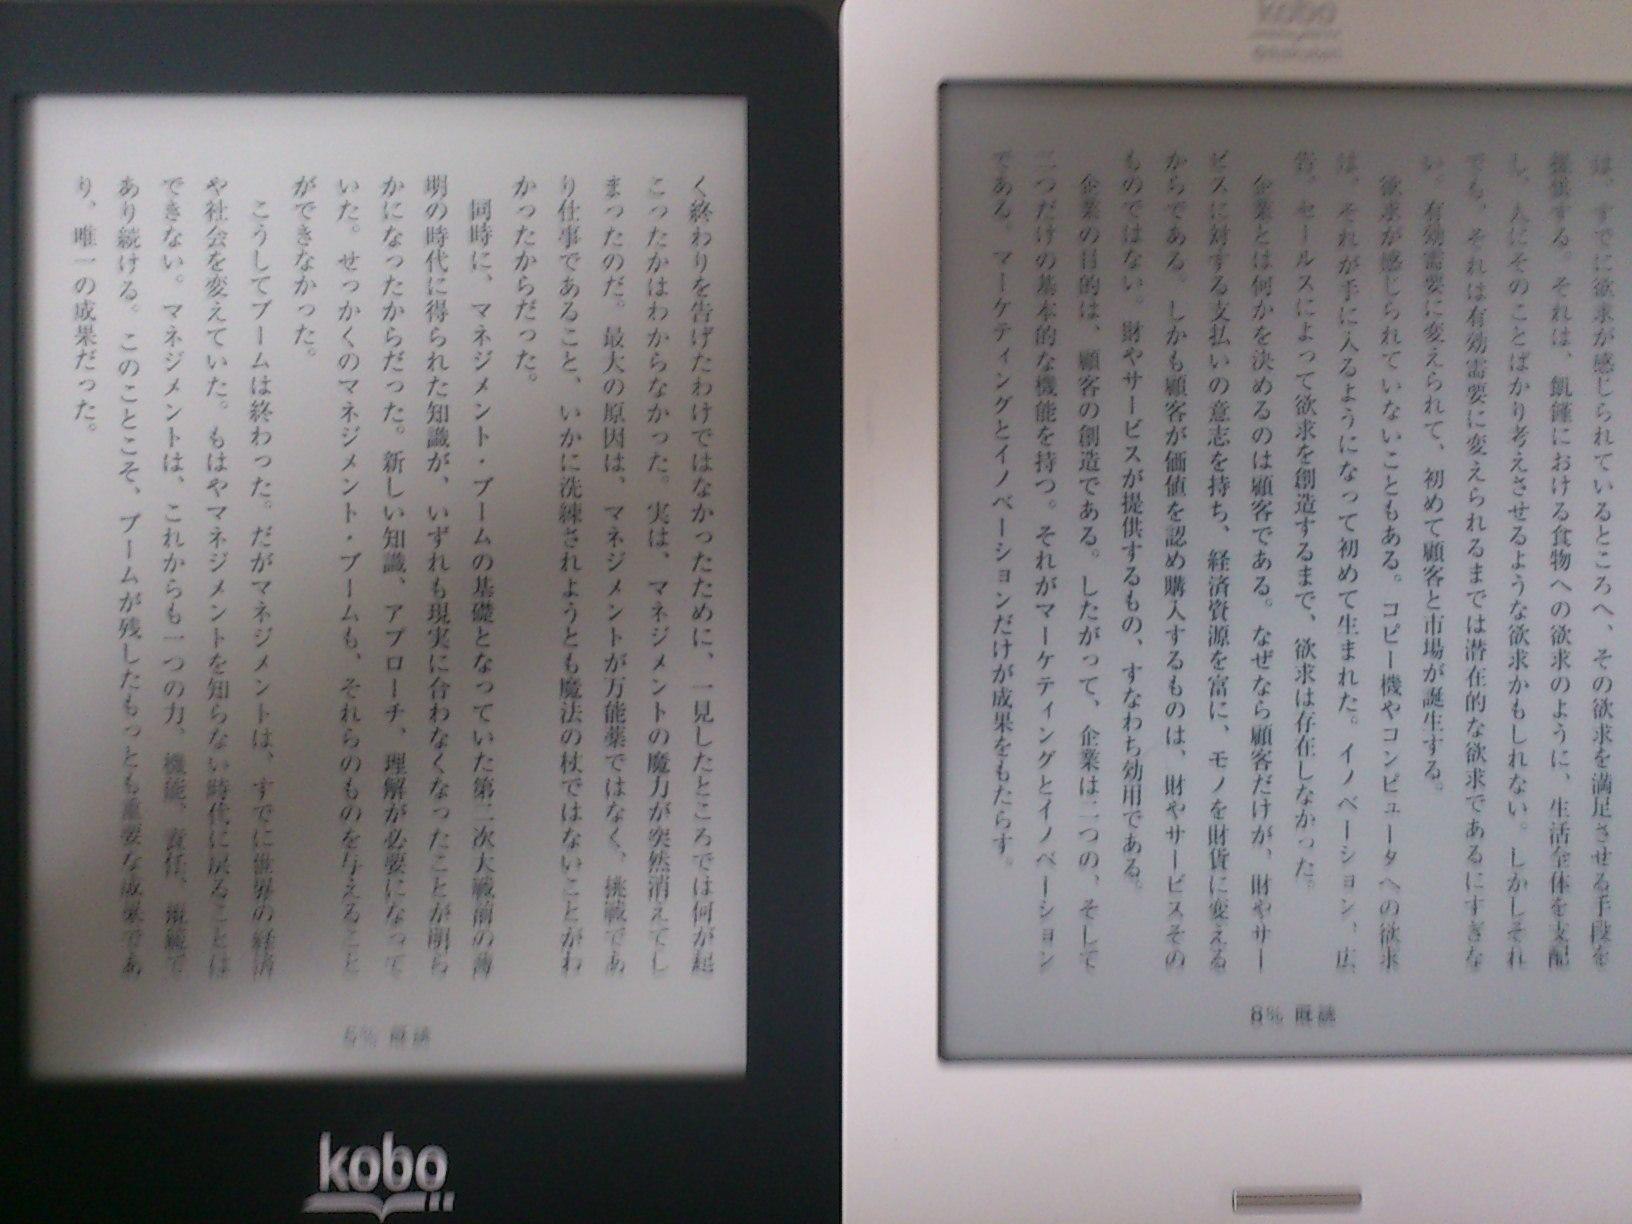 kobo_glo_touch_sentence.jpg